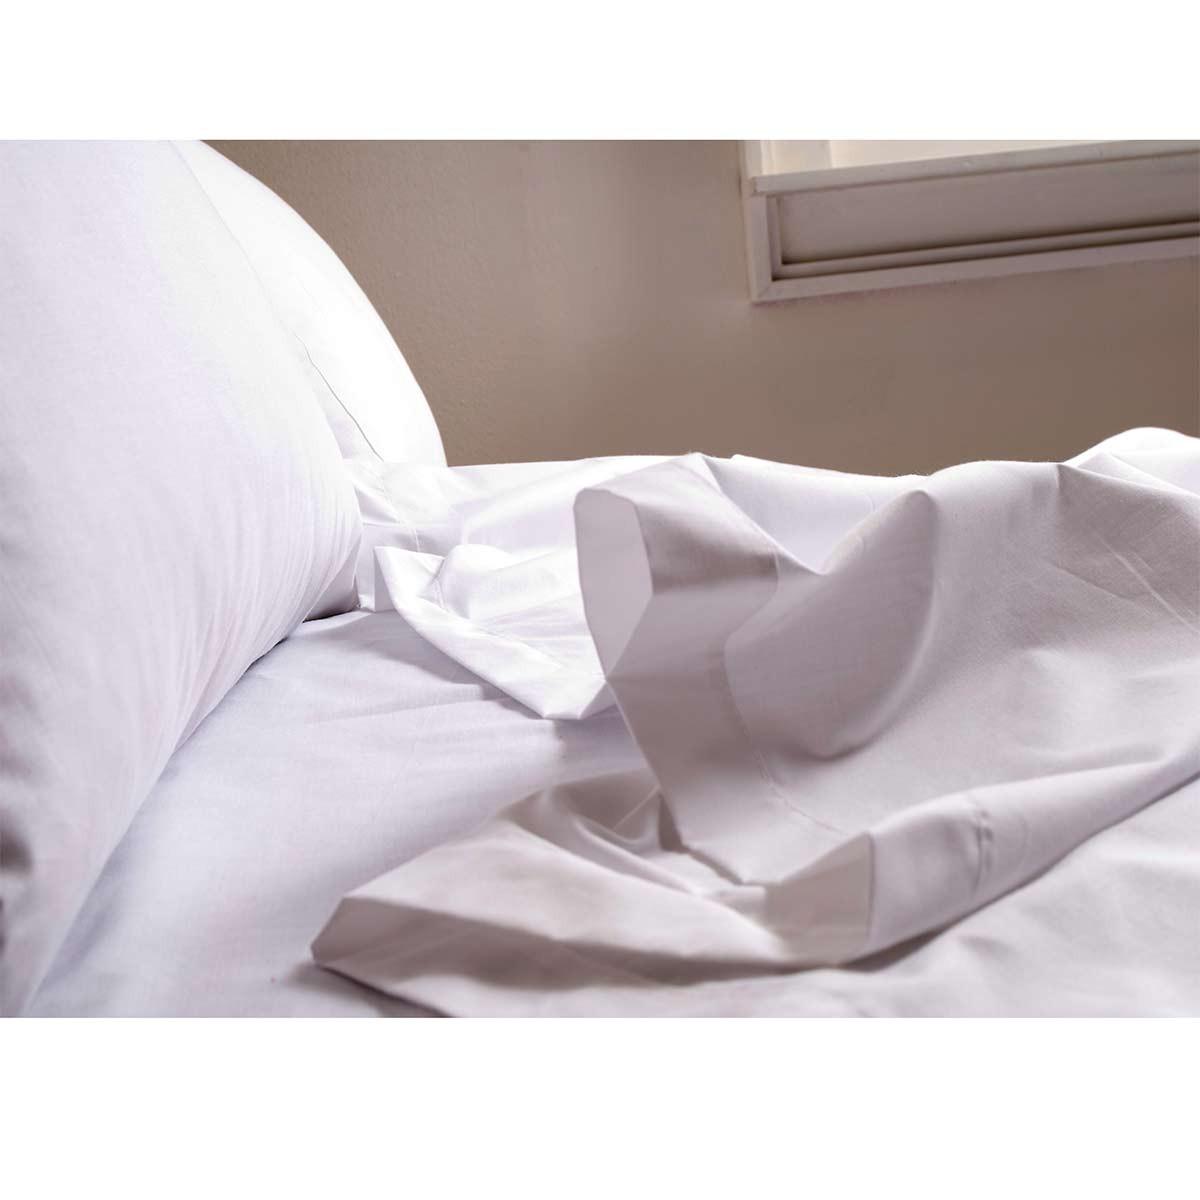 Σεντόνι Μονό Λευκό (160x260) Melinen Πενιέ Περκάλι 100/100